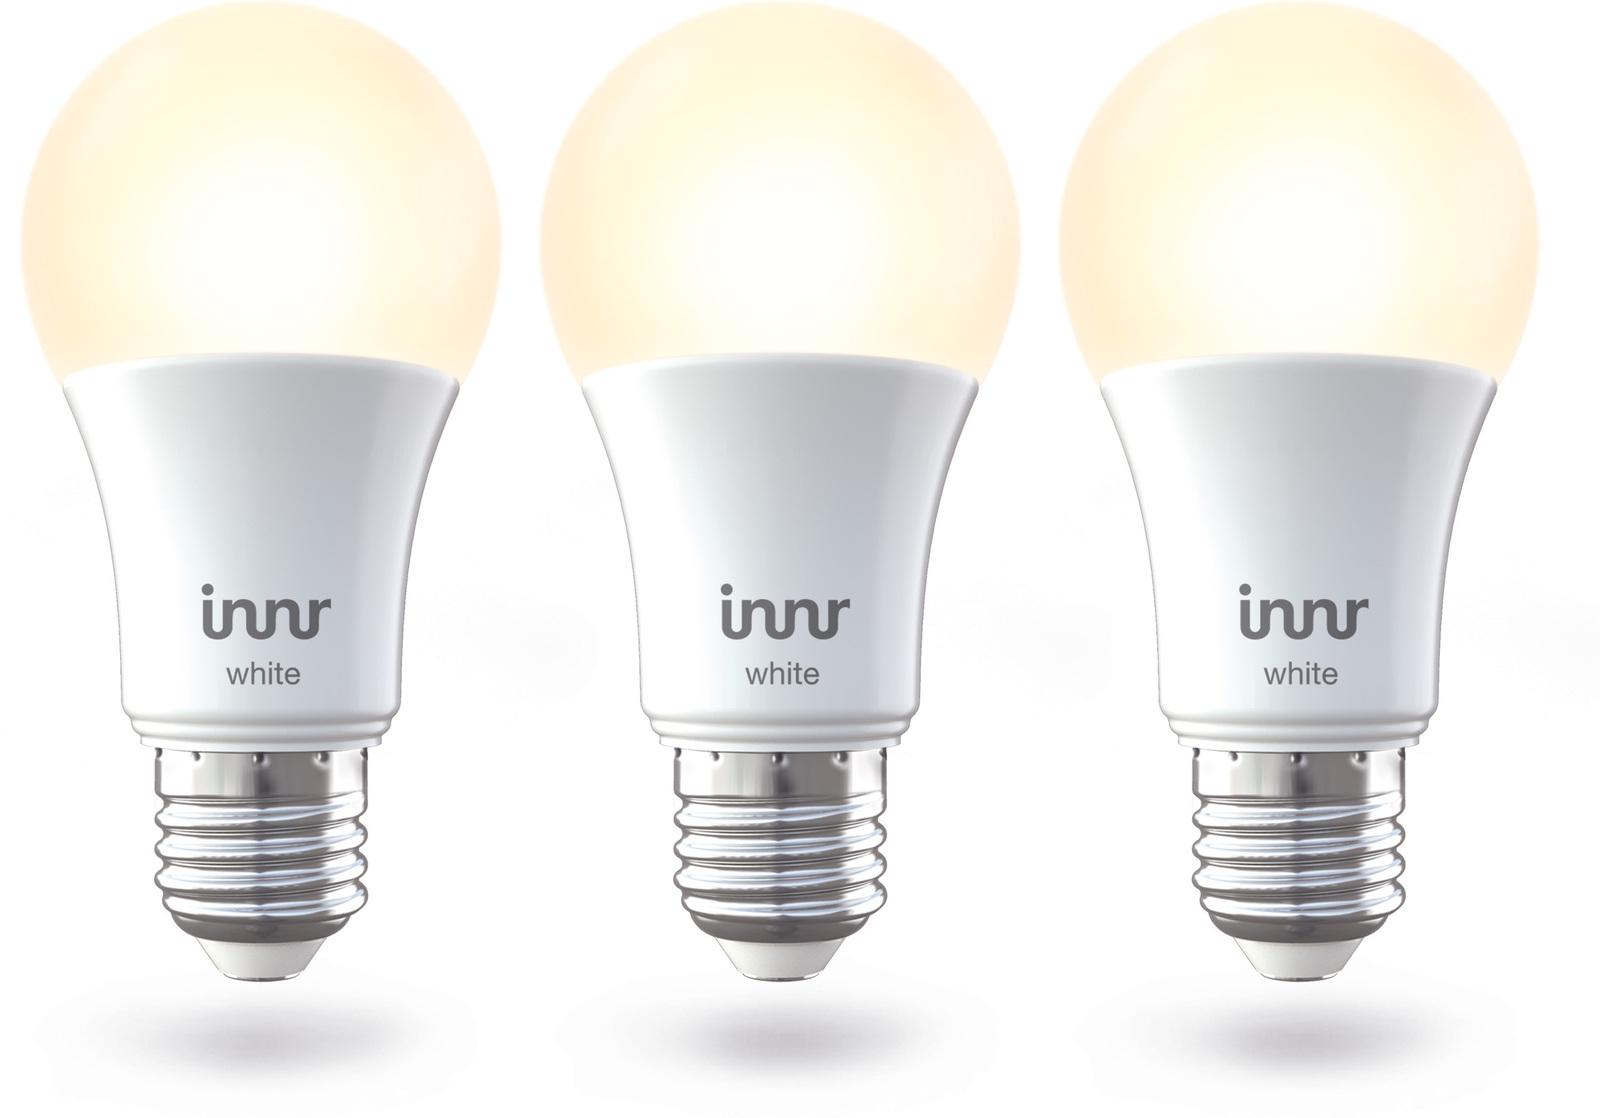 INNR LIGHTING 3X E27 RETROFIT SMART LED LAMP